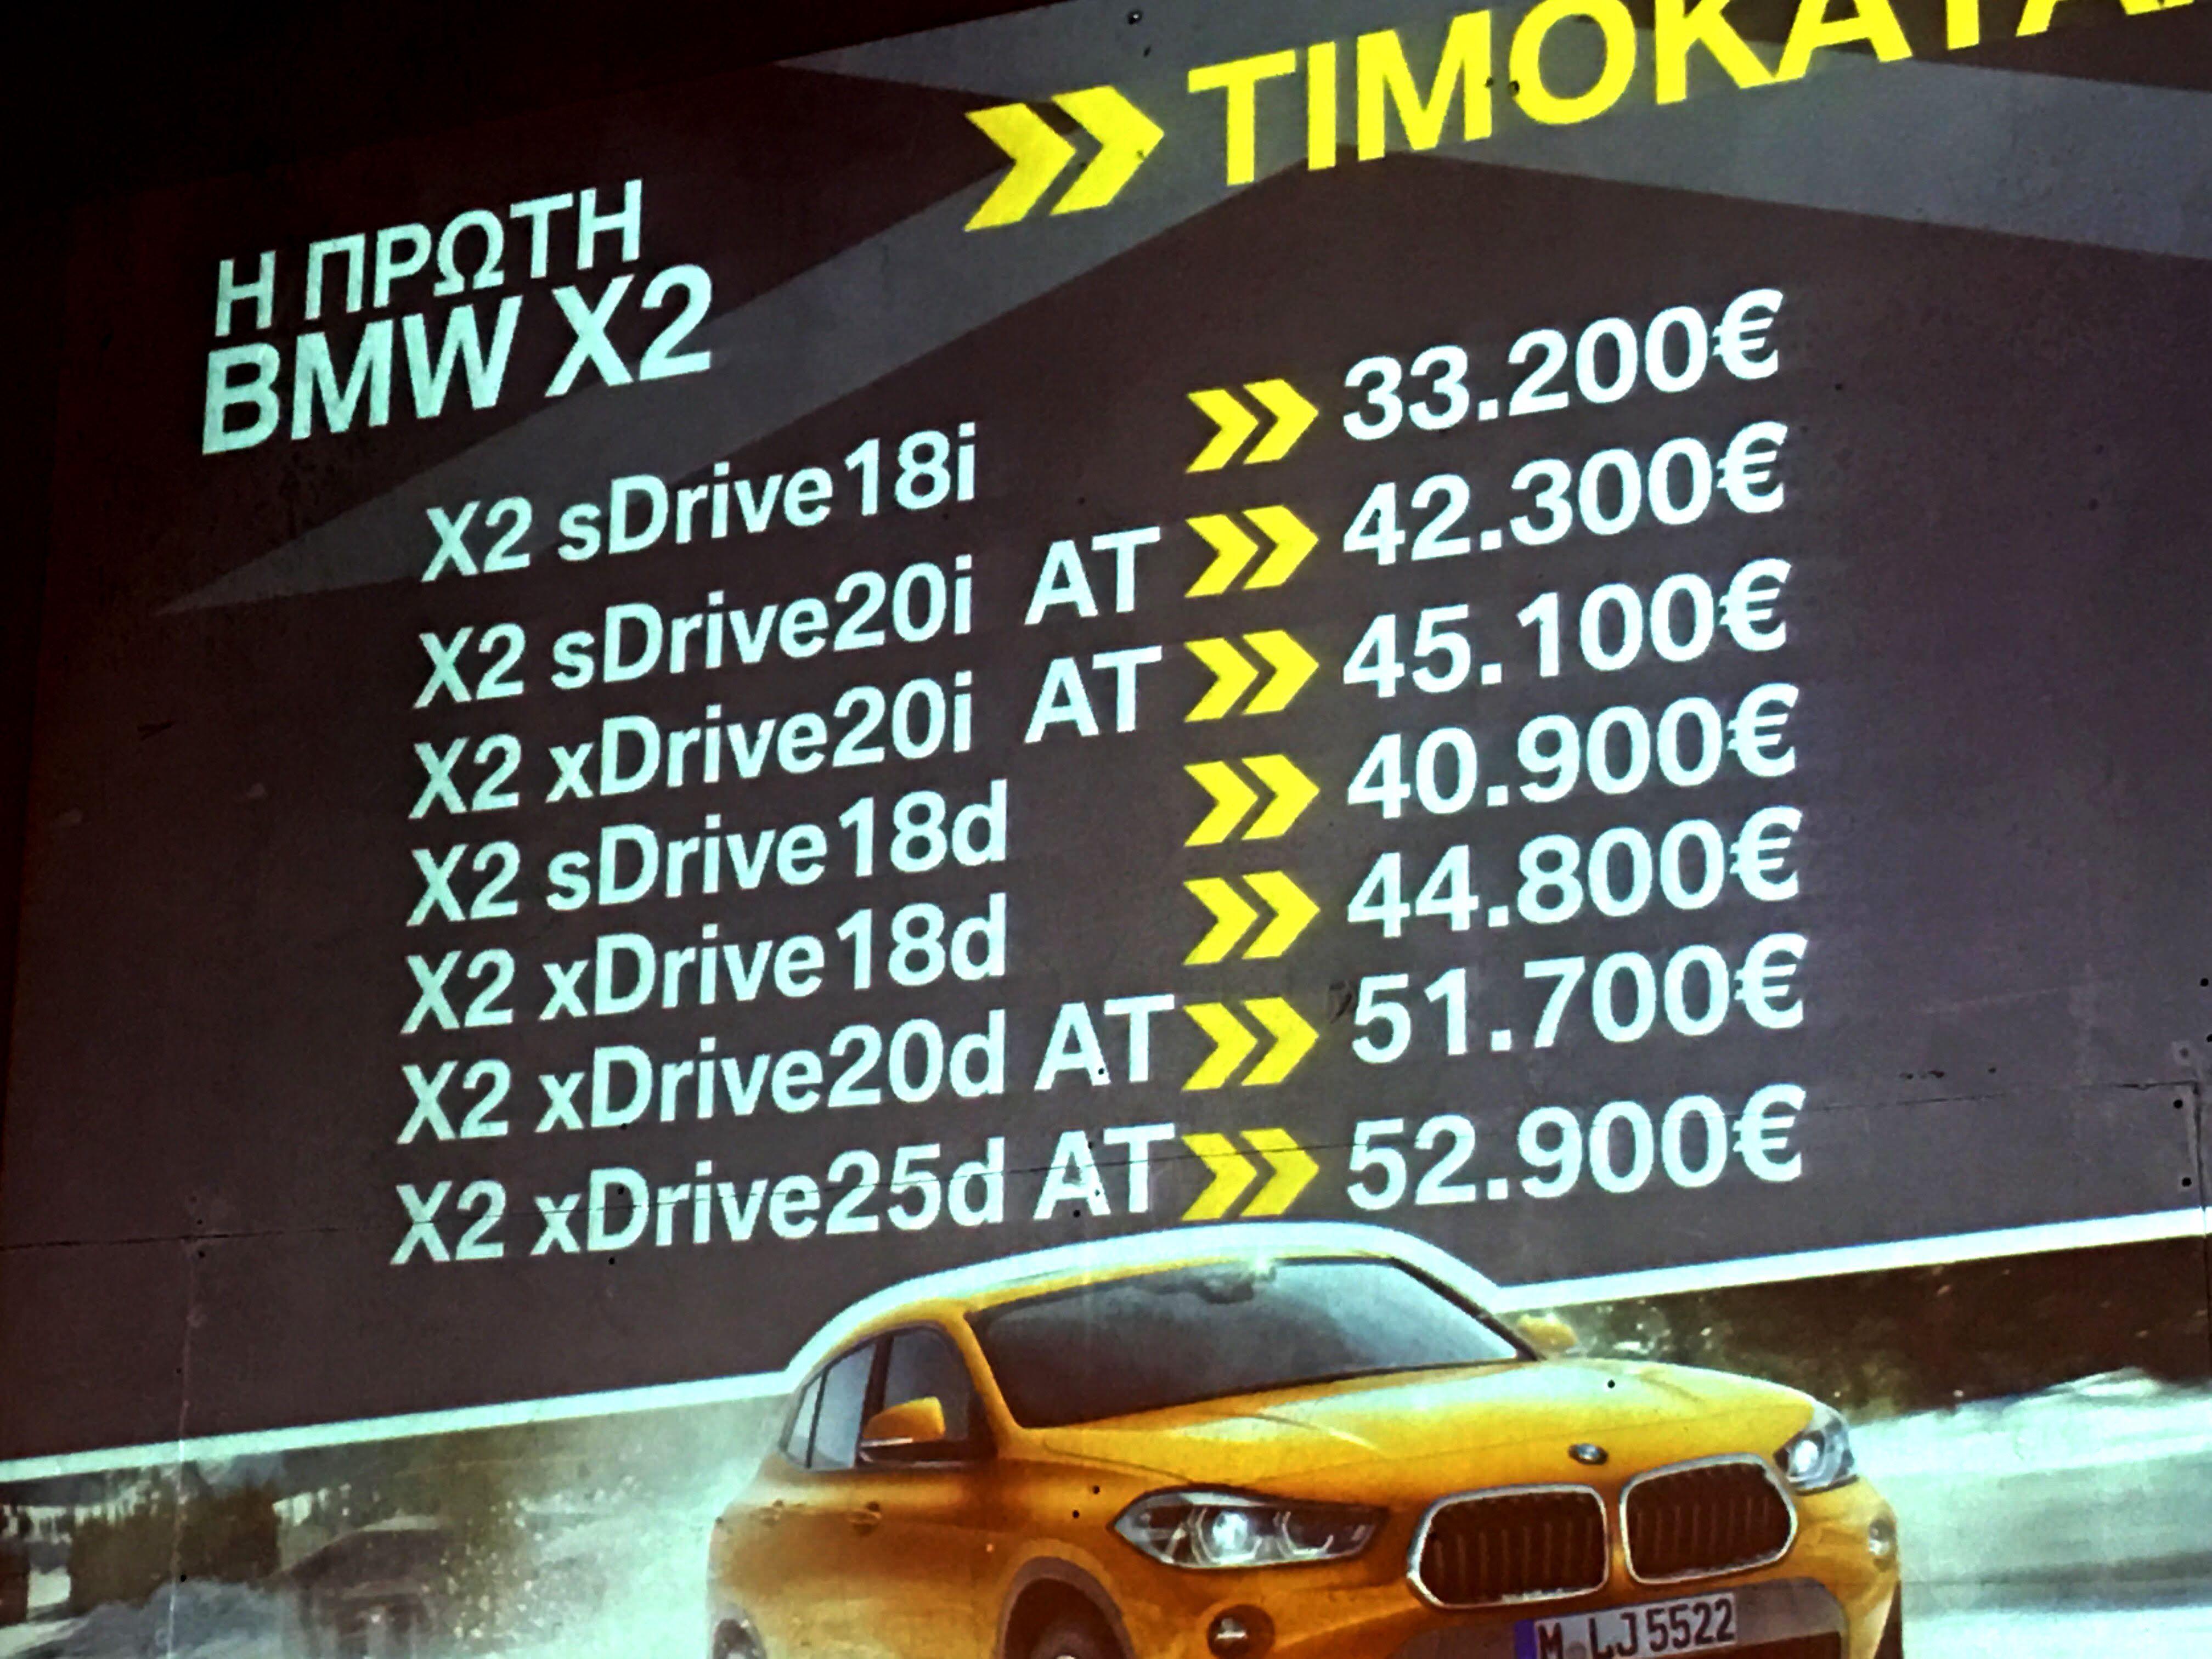 Ξεκίνησε το λανσάρισμα της νέας BMW X2